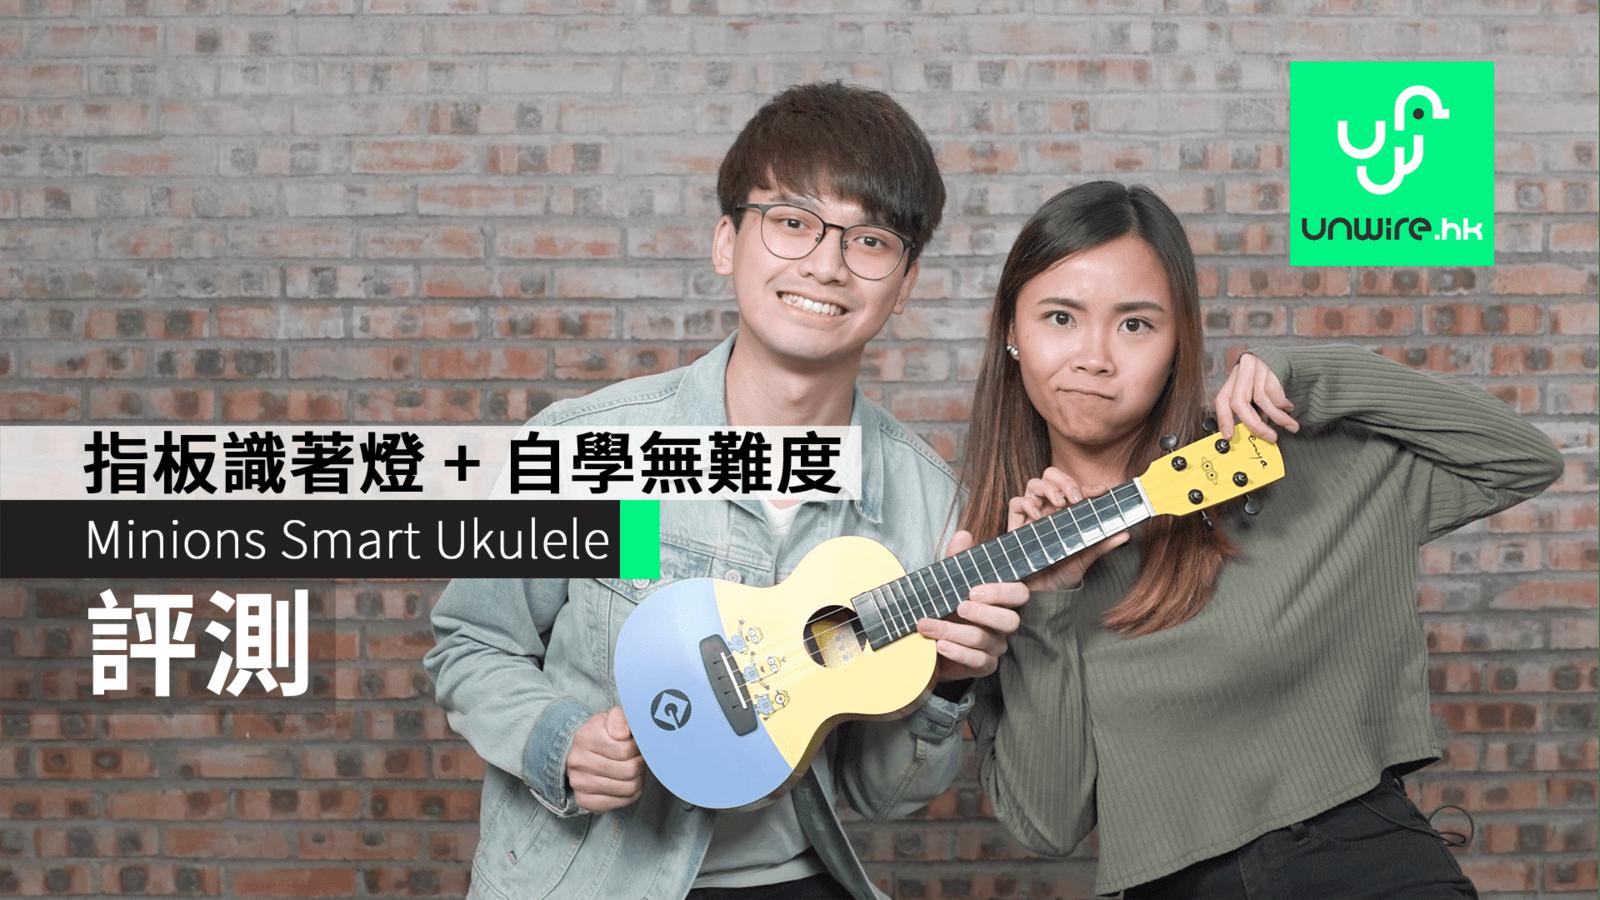 【評測】Minions Smart Ukulele 指板識著燈 + 自學無難度 - 香港 unwire.hk